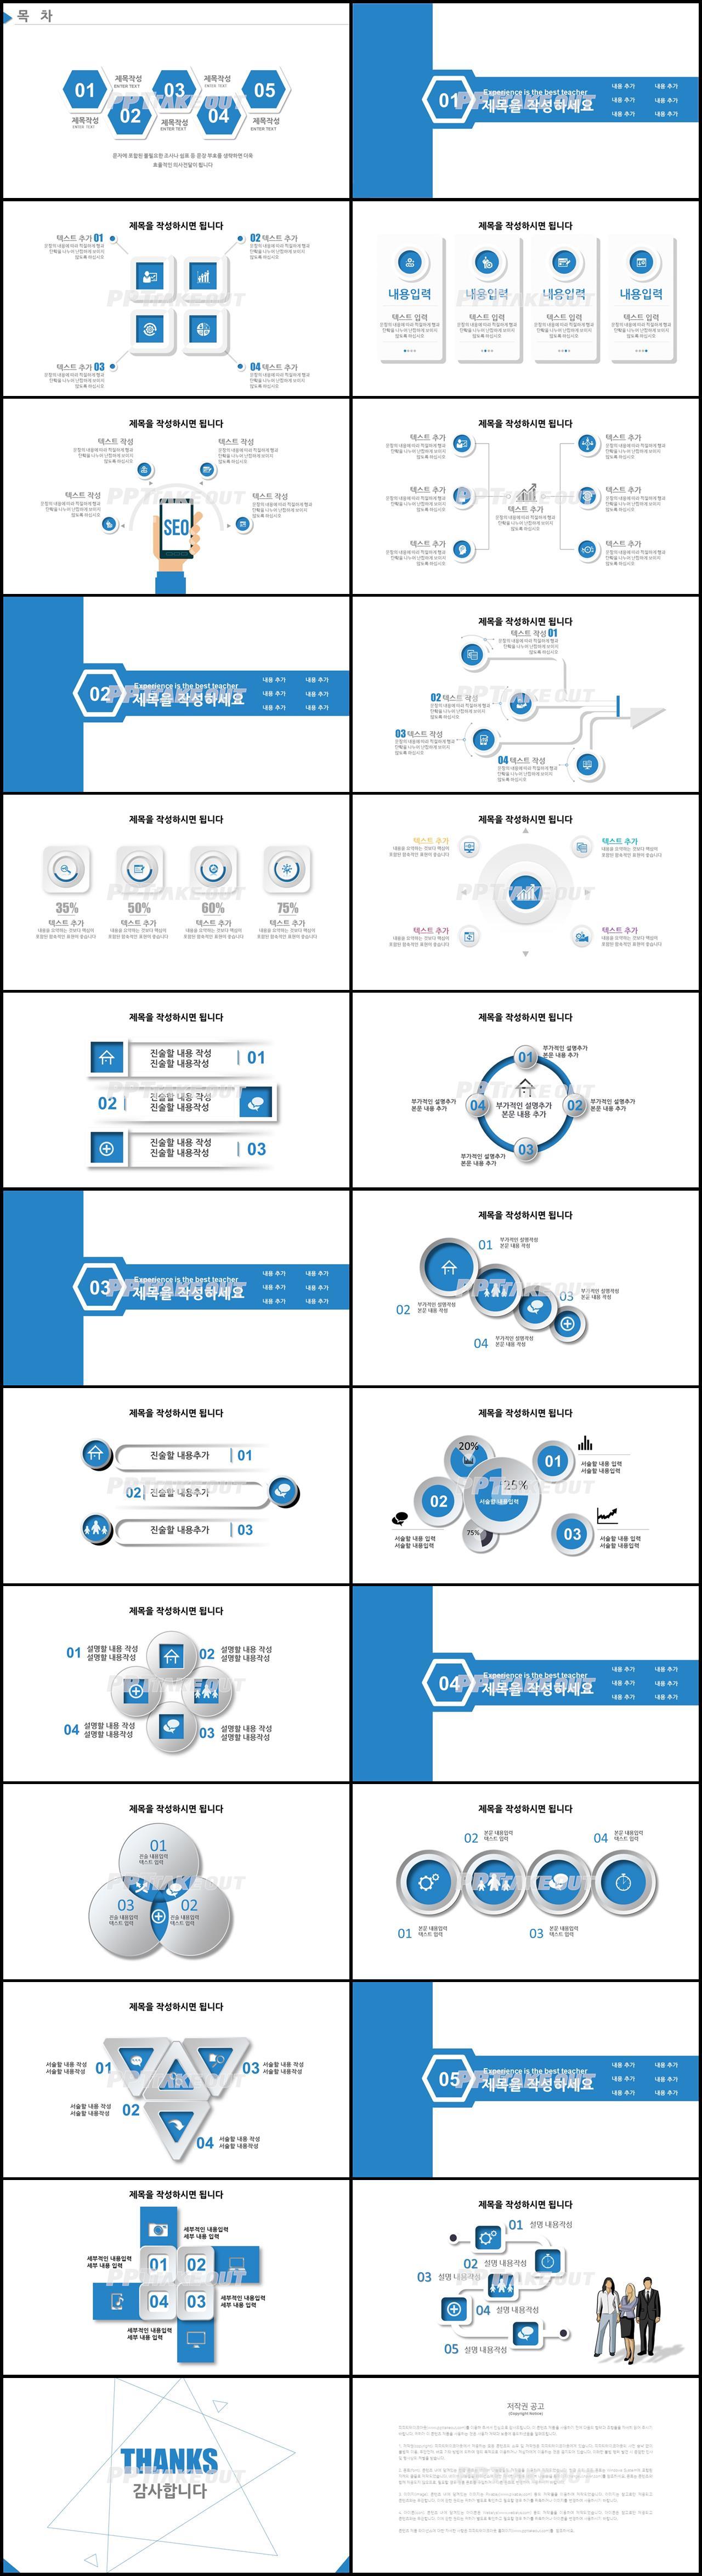 업무보고 블루 단정한 고급형 POWERPOINT샘플 디자인 상세보기